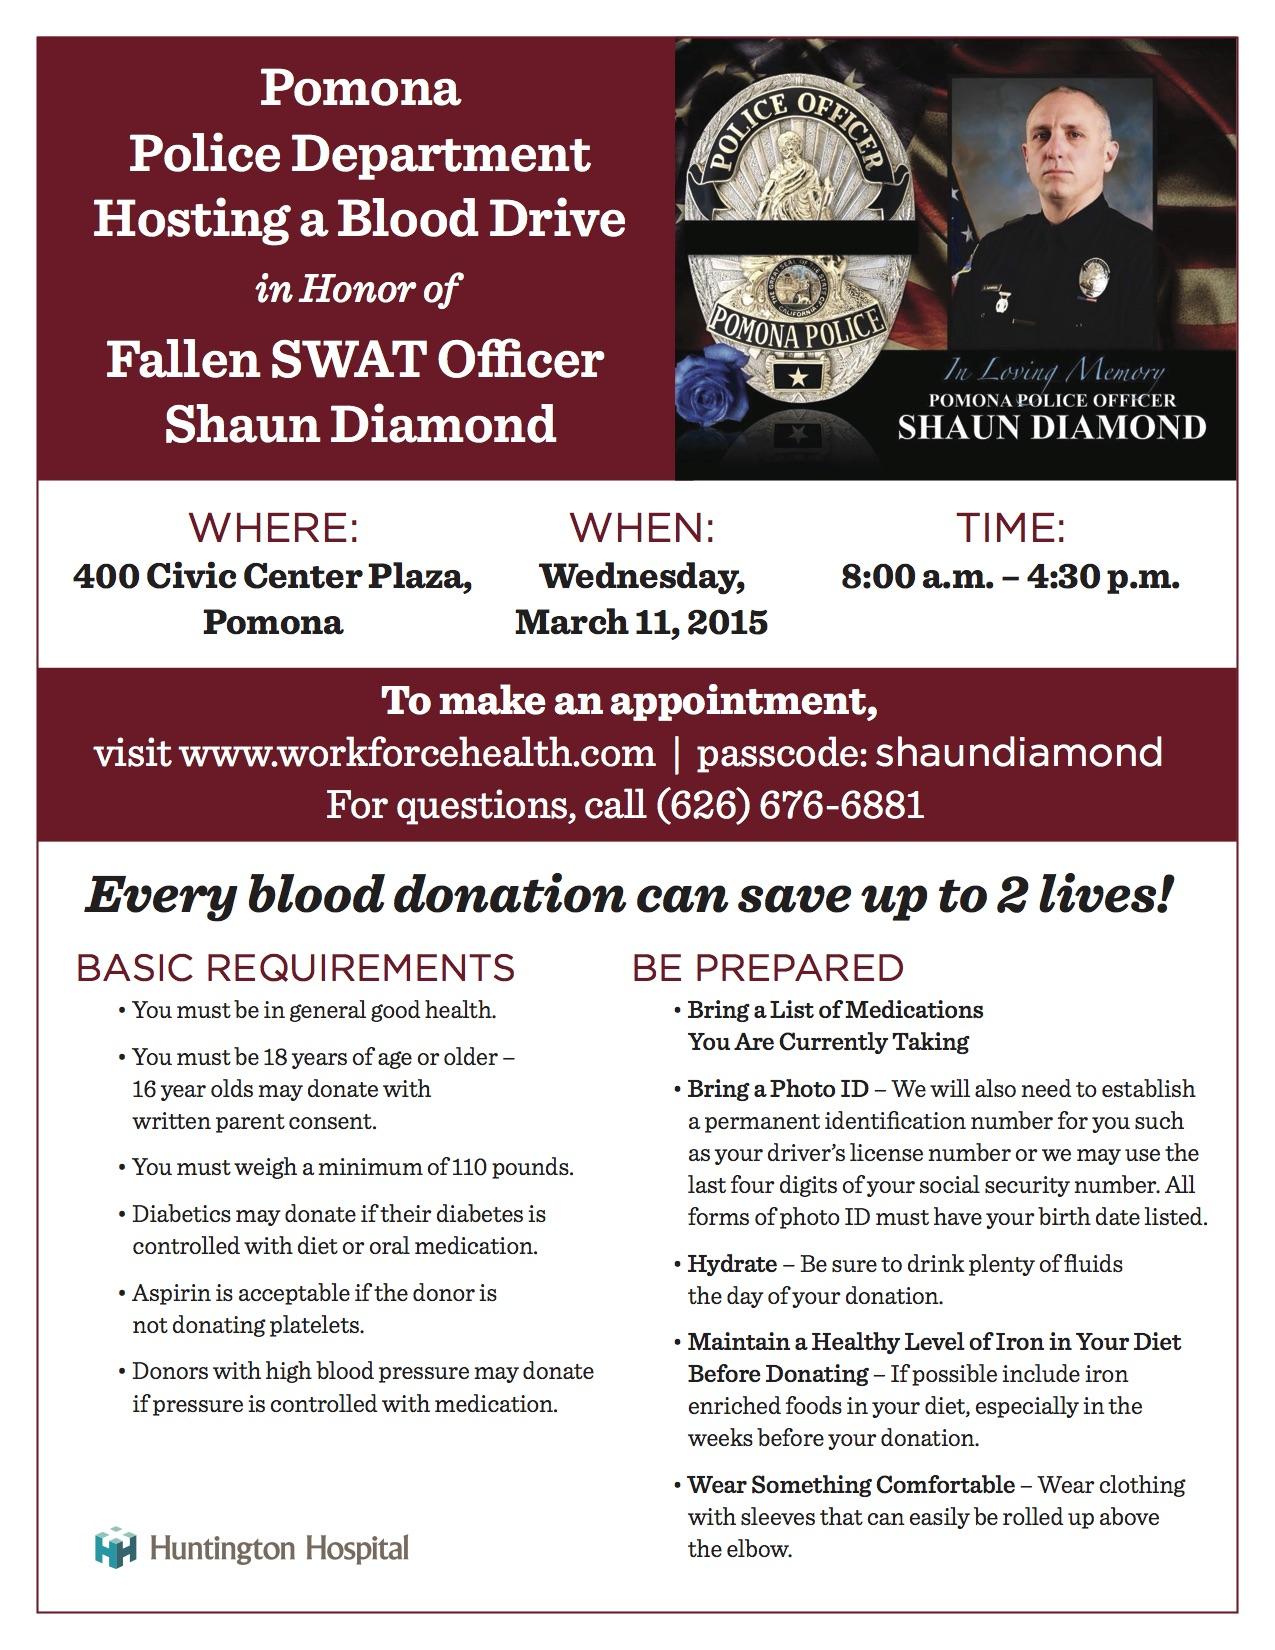 Blood Donor Flyer - Shaun Diamond Jan  2015